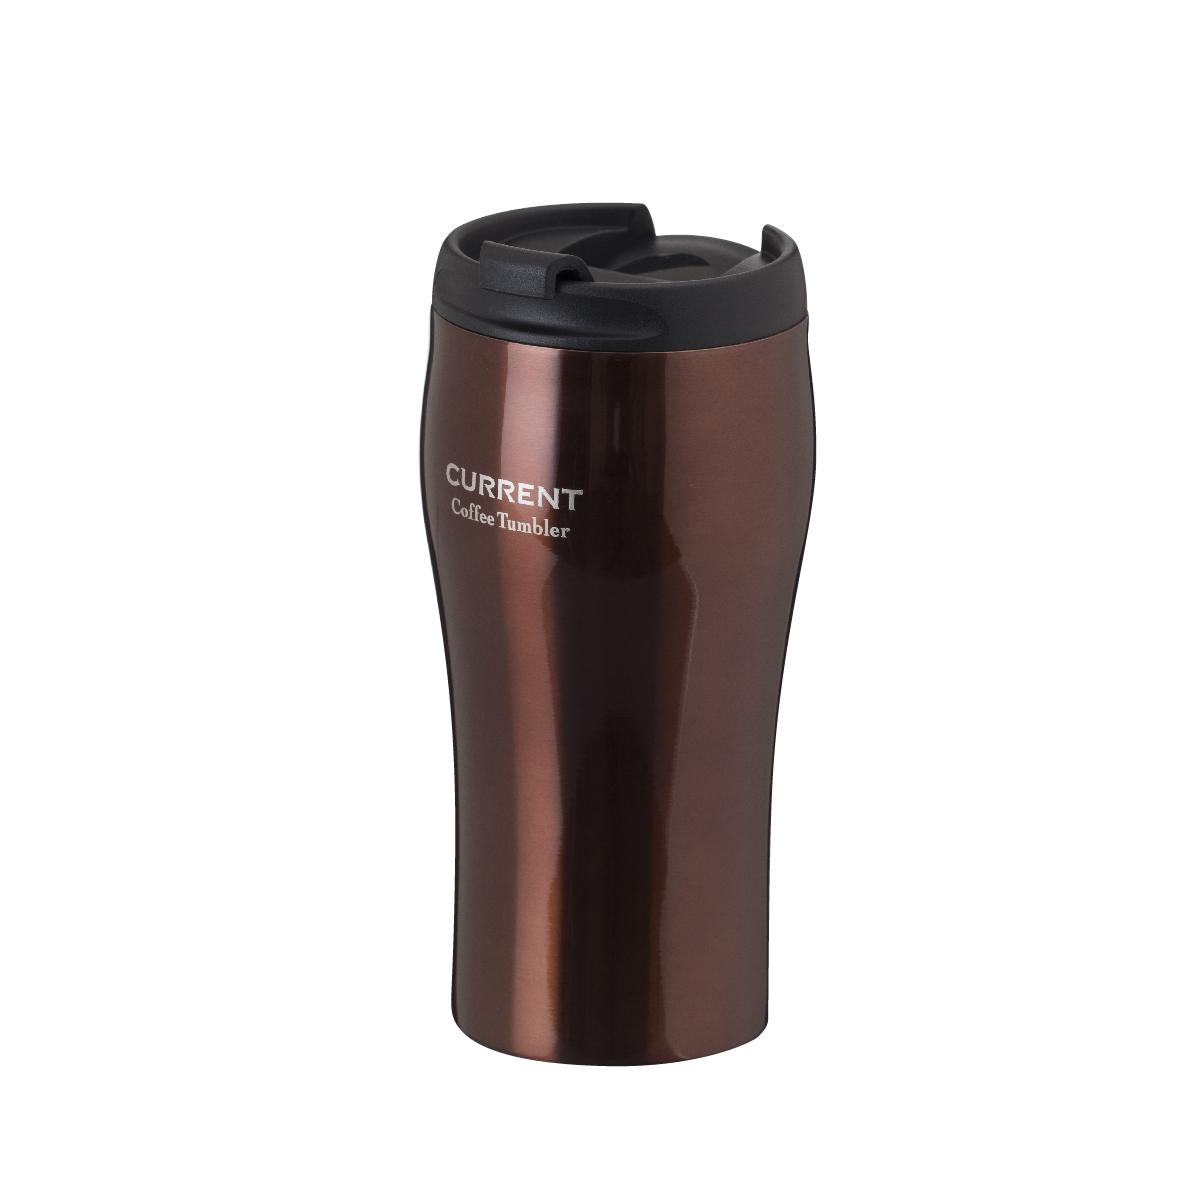 CURRENT フタ付きコーヒータンブラー 350ml  ブラウン